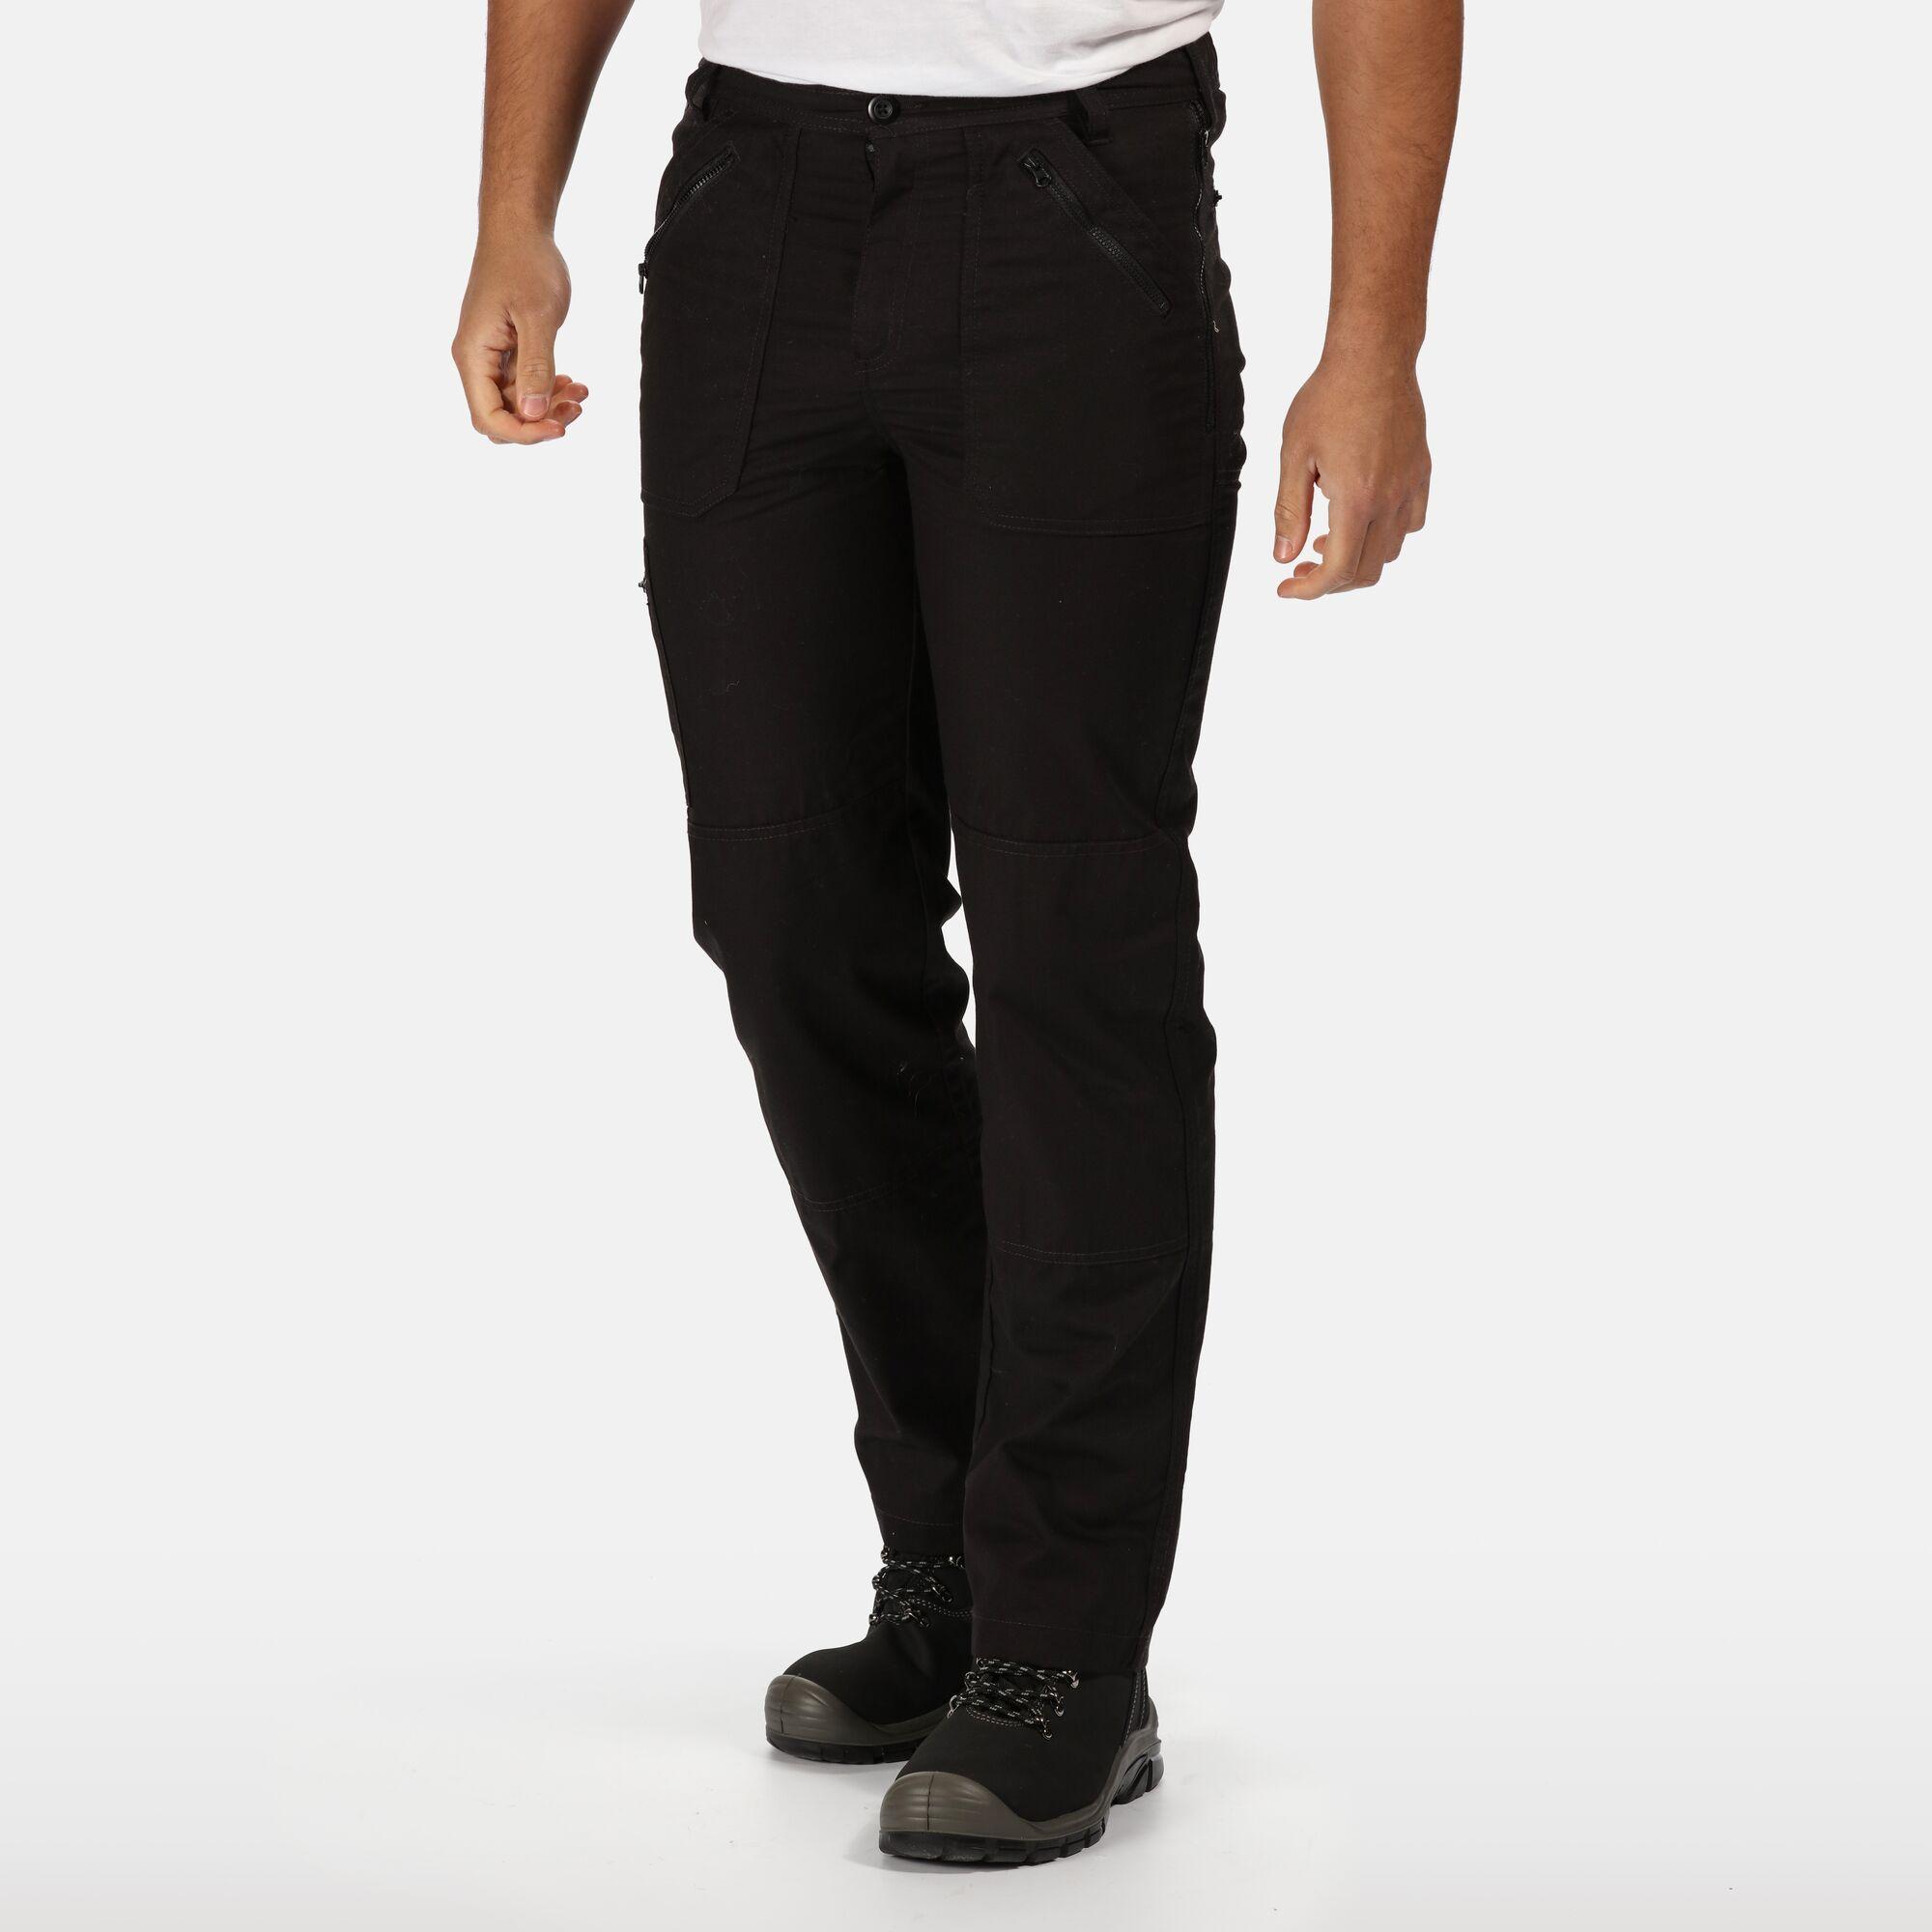 Men's black action trousers.